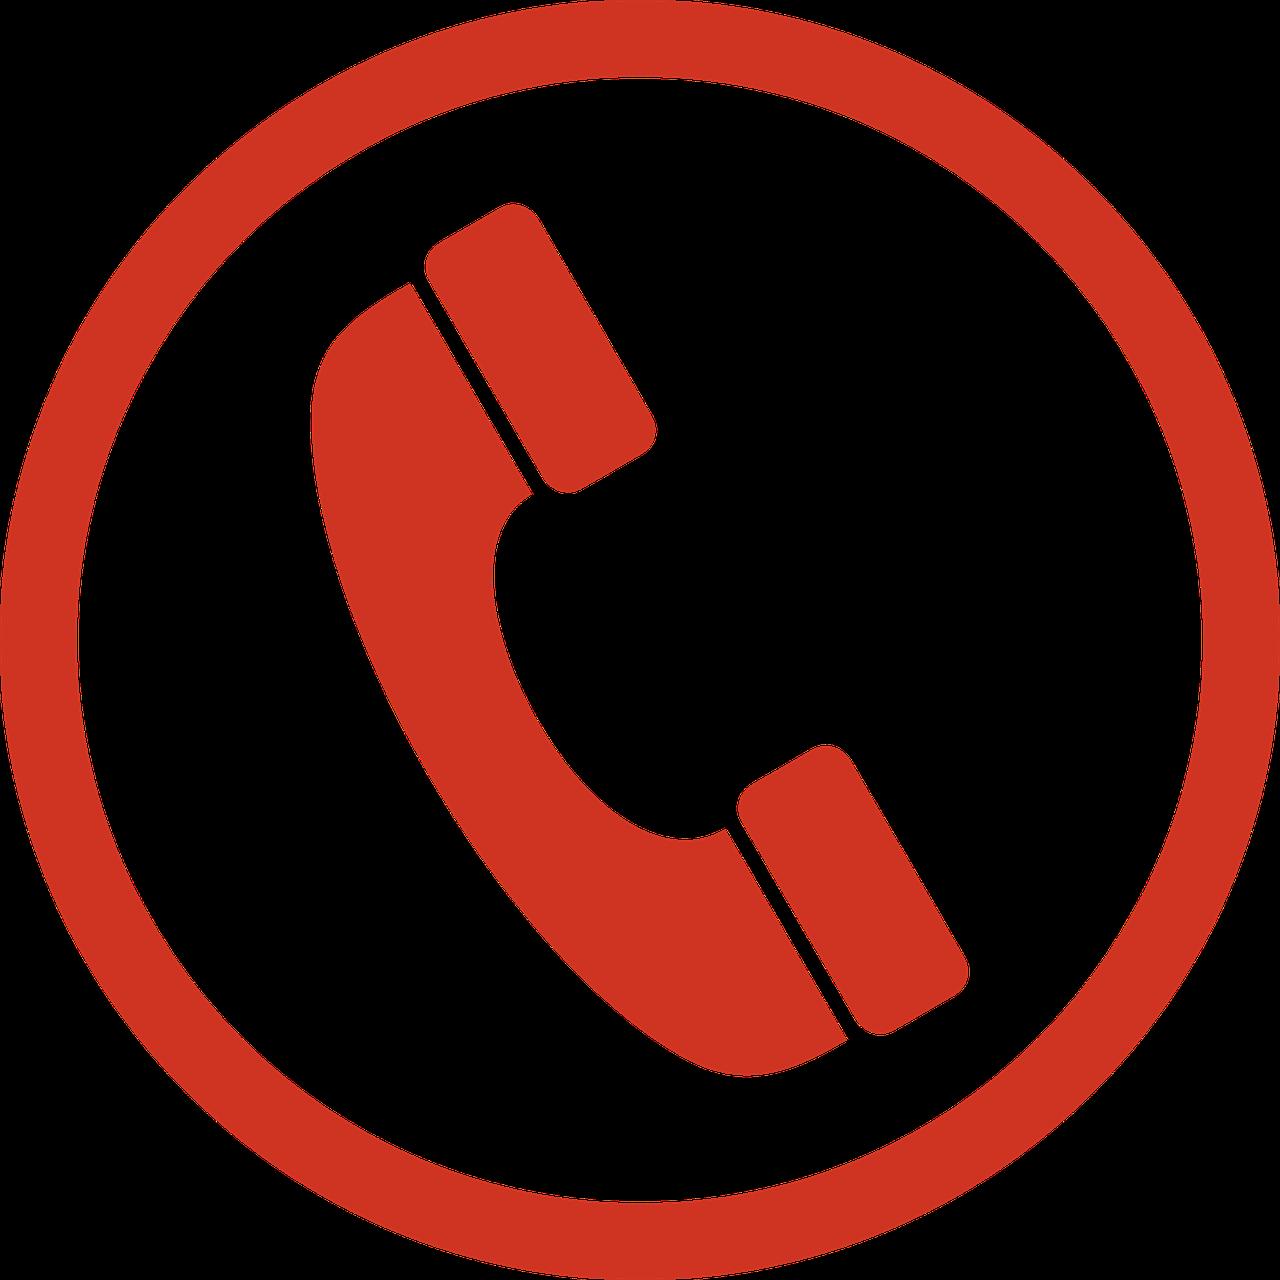 telephone-304080_1280